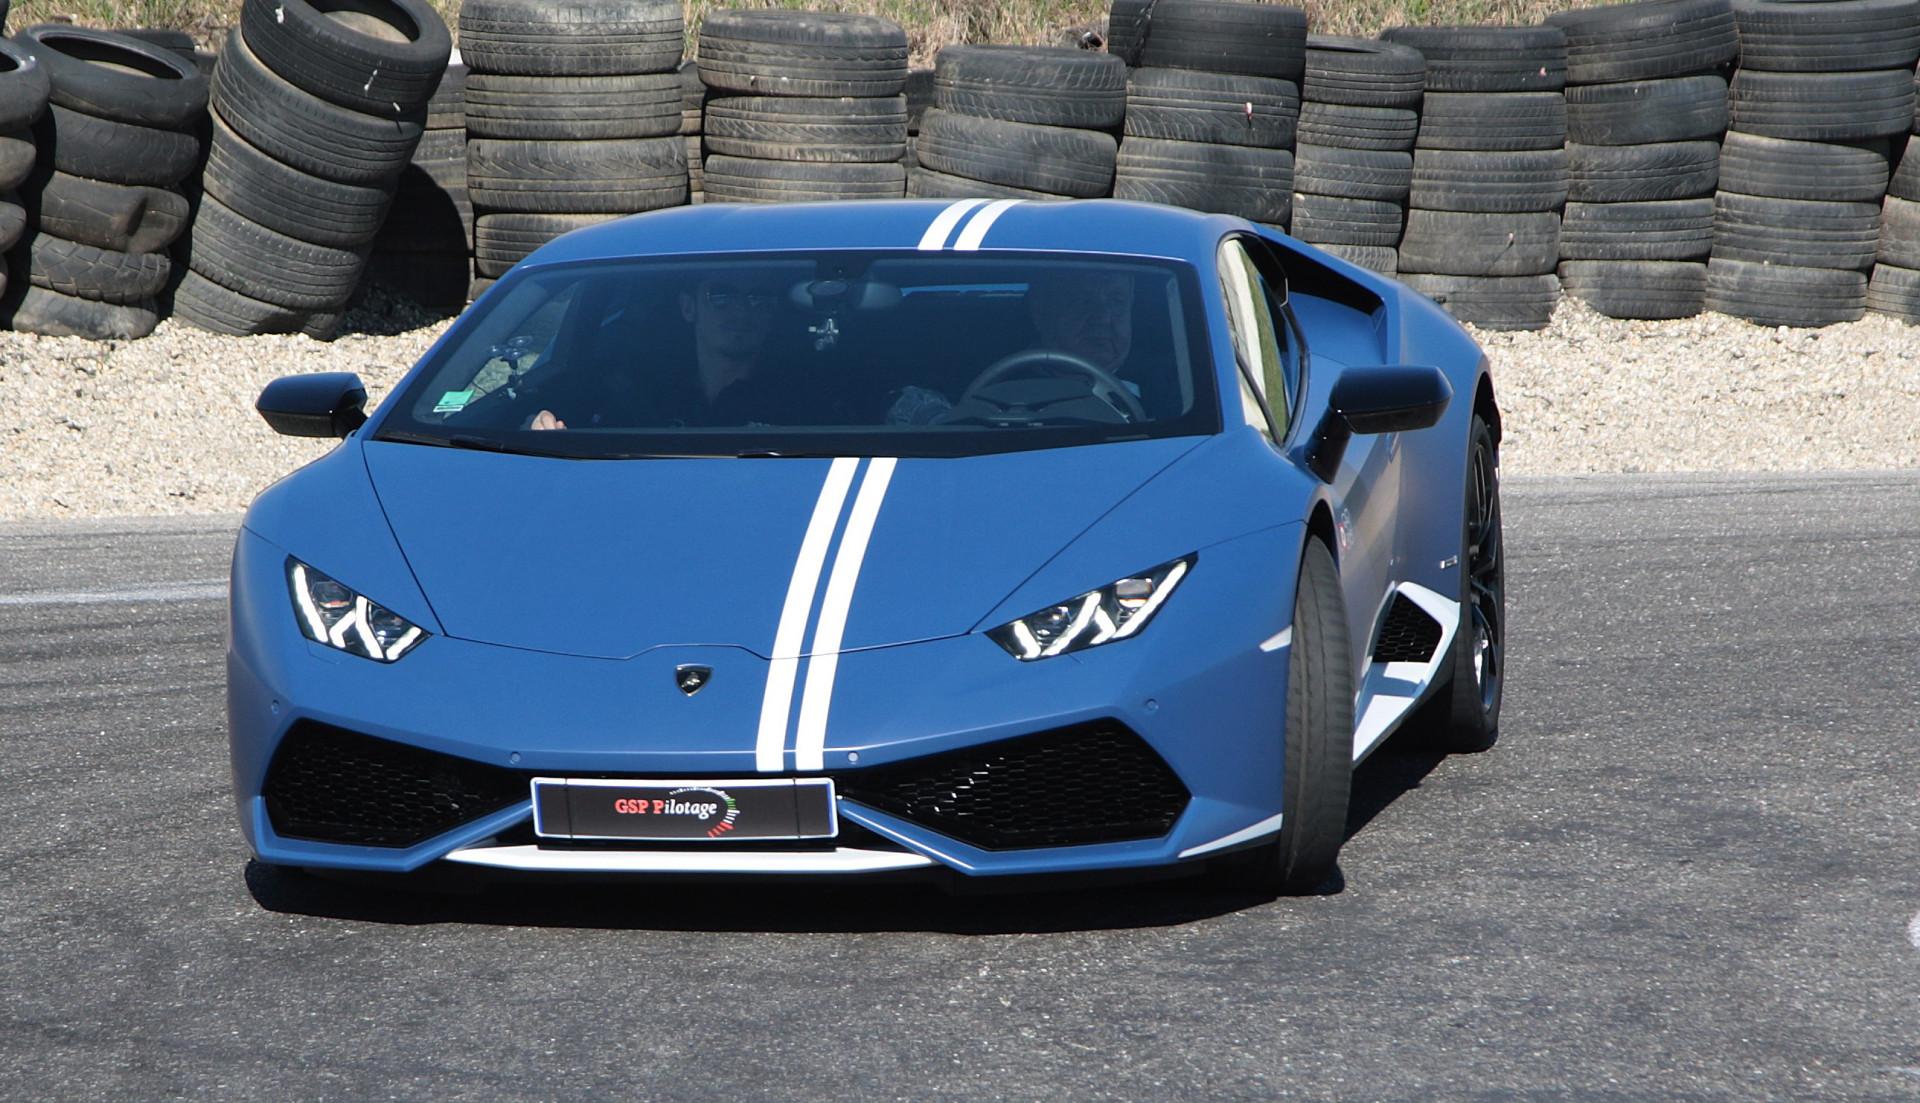 Guida sportiva in Lamborghini al Lignano Circuit